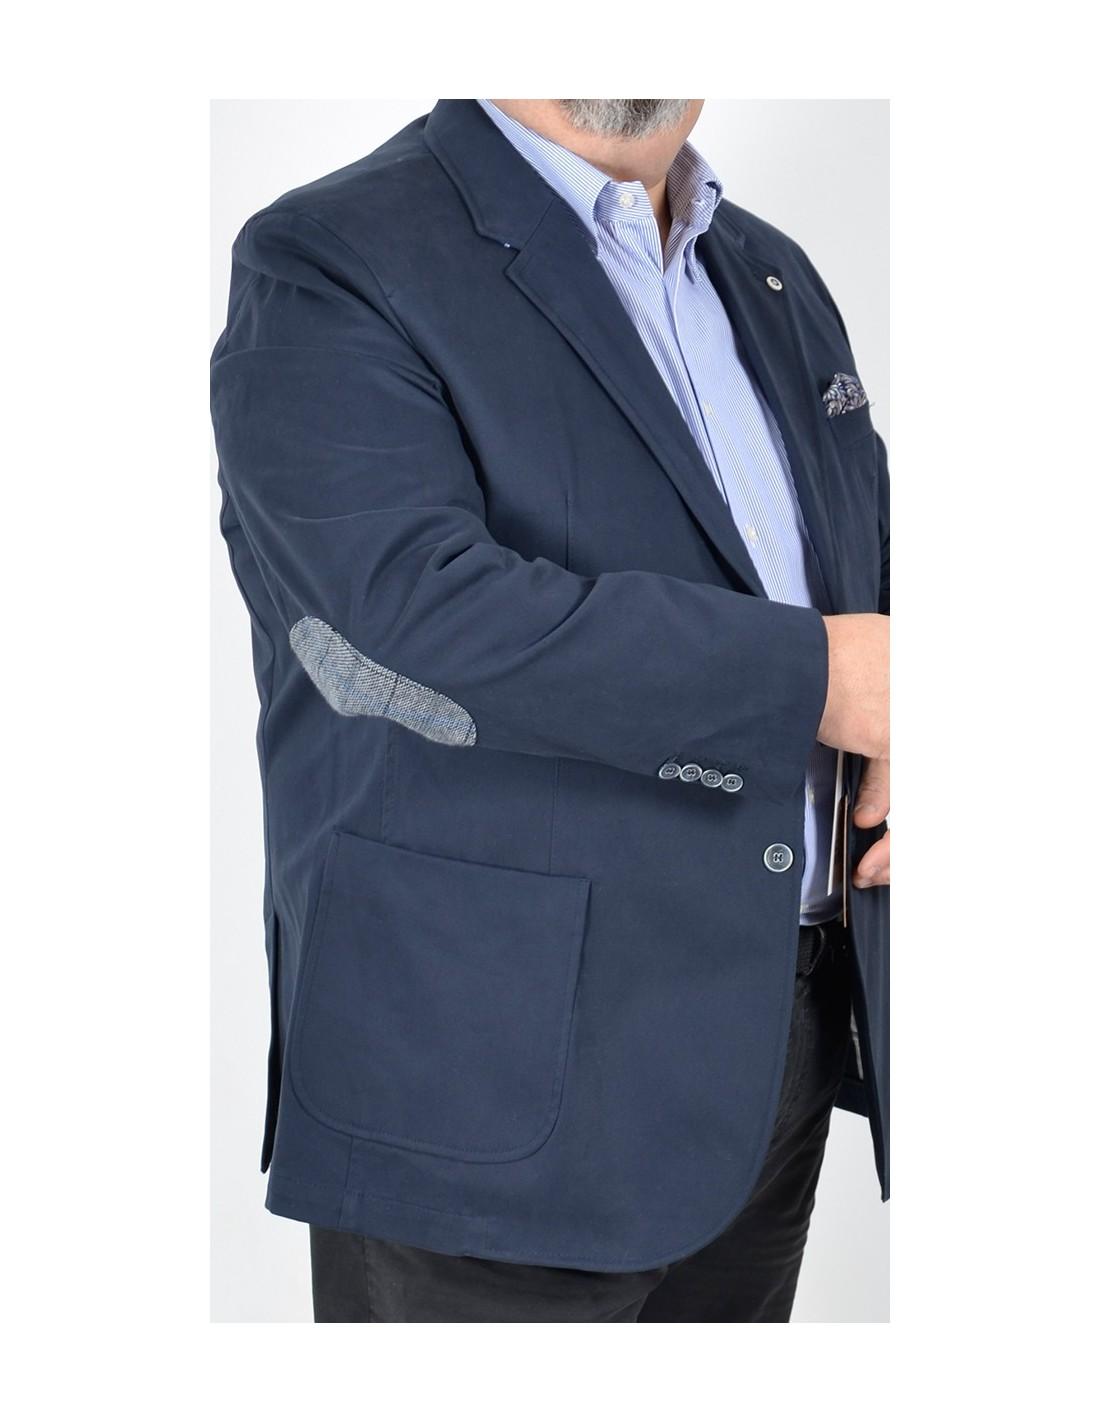 giacche sportive uomo taglie forti